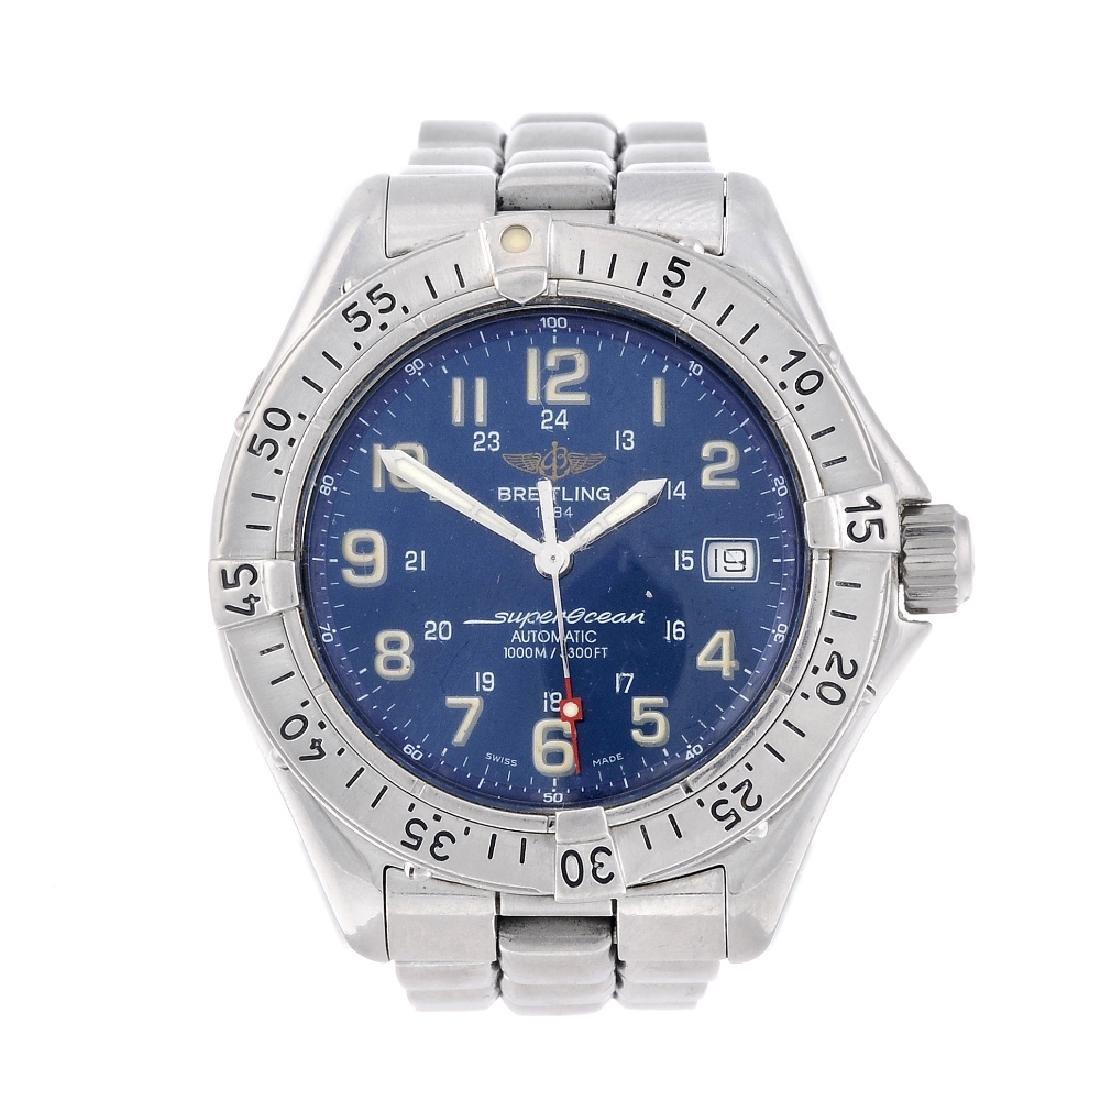 BREITLING - a gentleman's Superocean bracelet watch.